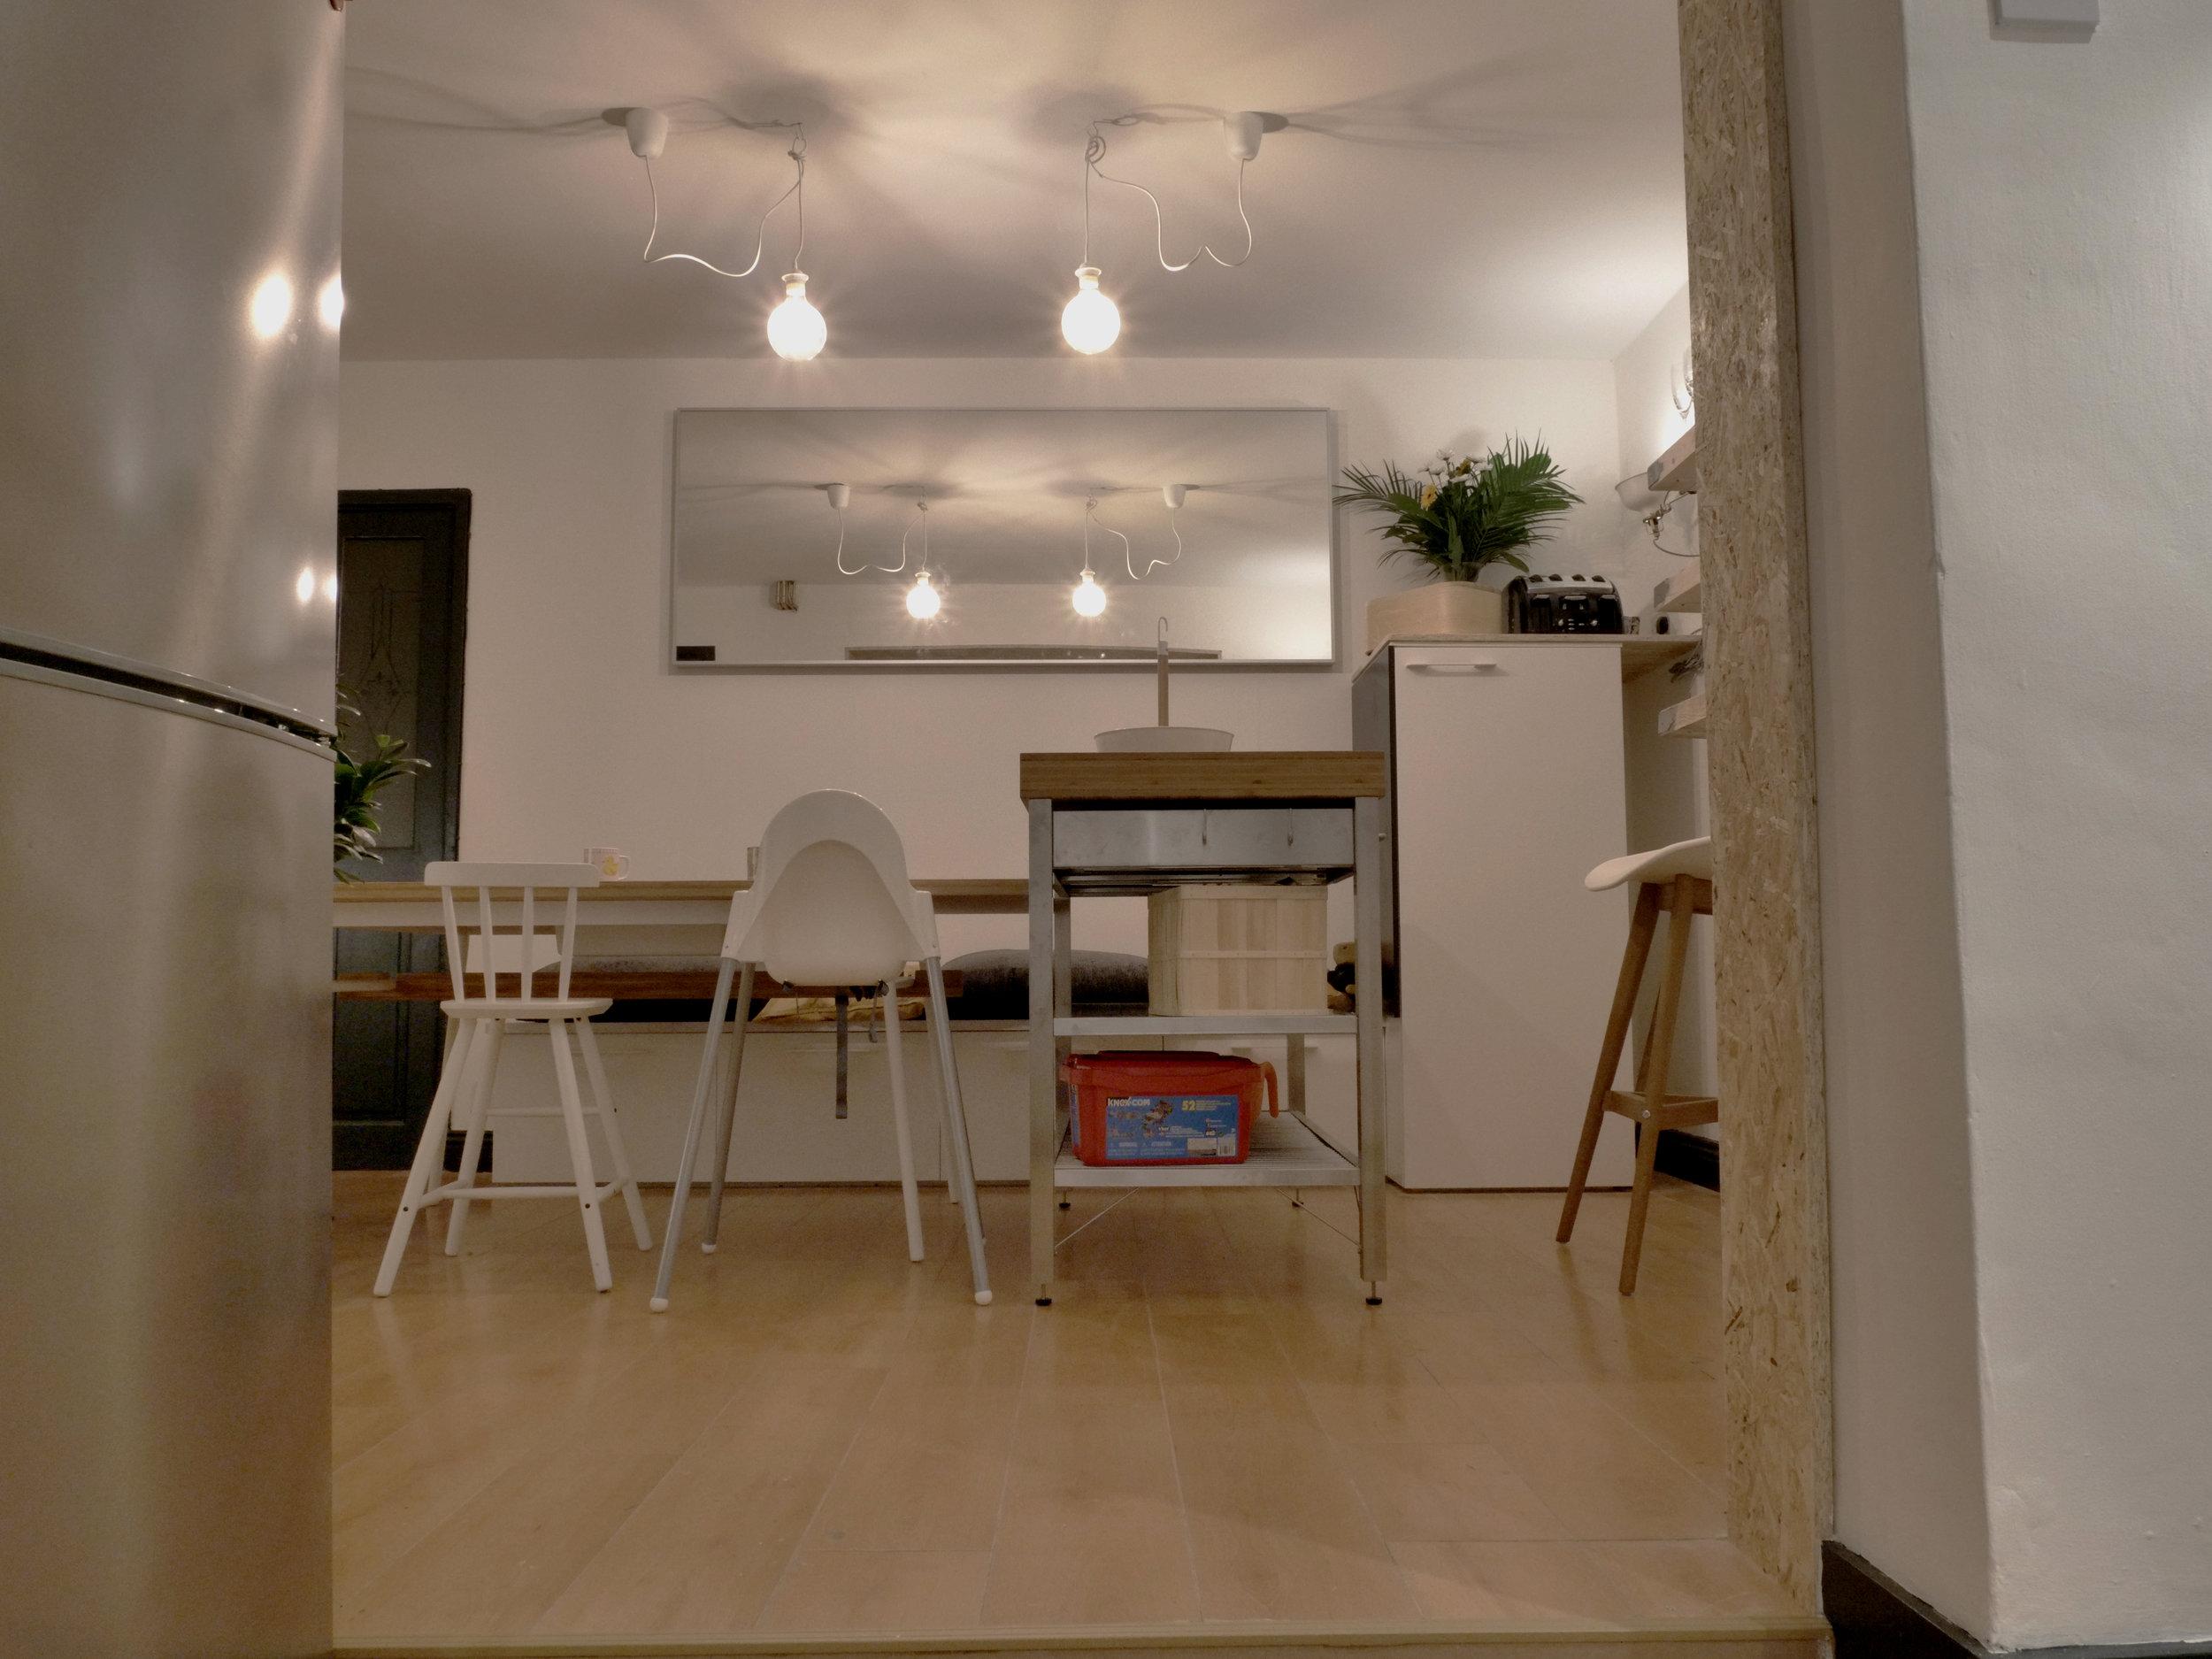 Leixlip - Kitchen - After 8.jpg